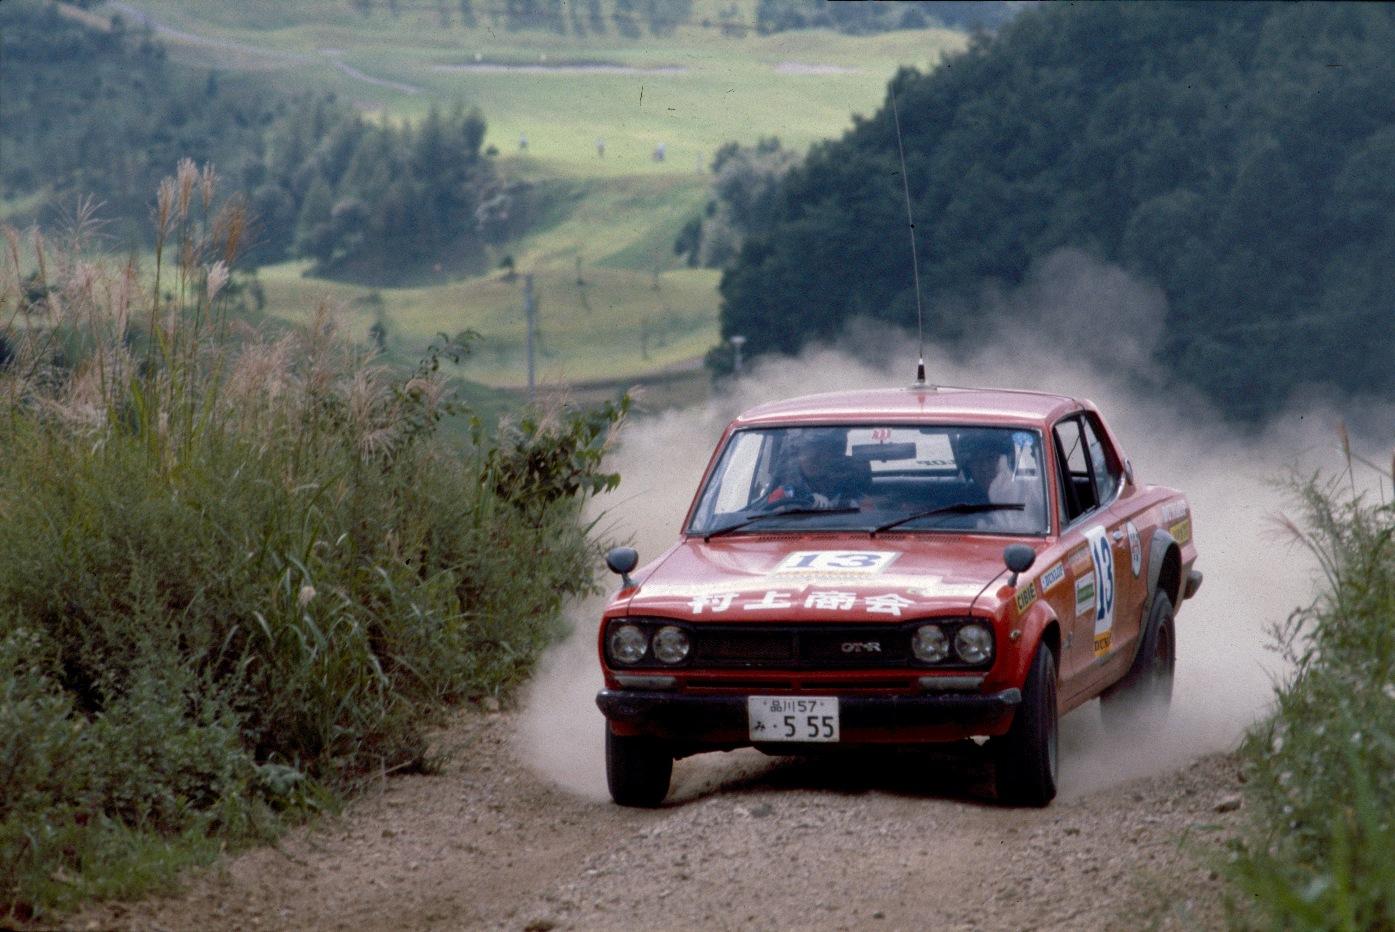 Nissan Skyline C10, rajdy, rally, wyścigi, 日産 スカイライン, ラリー, GT-R, rajdowe samochody, japońskie, motoryzacja